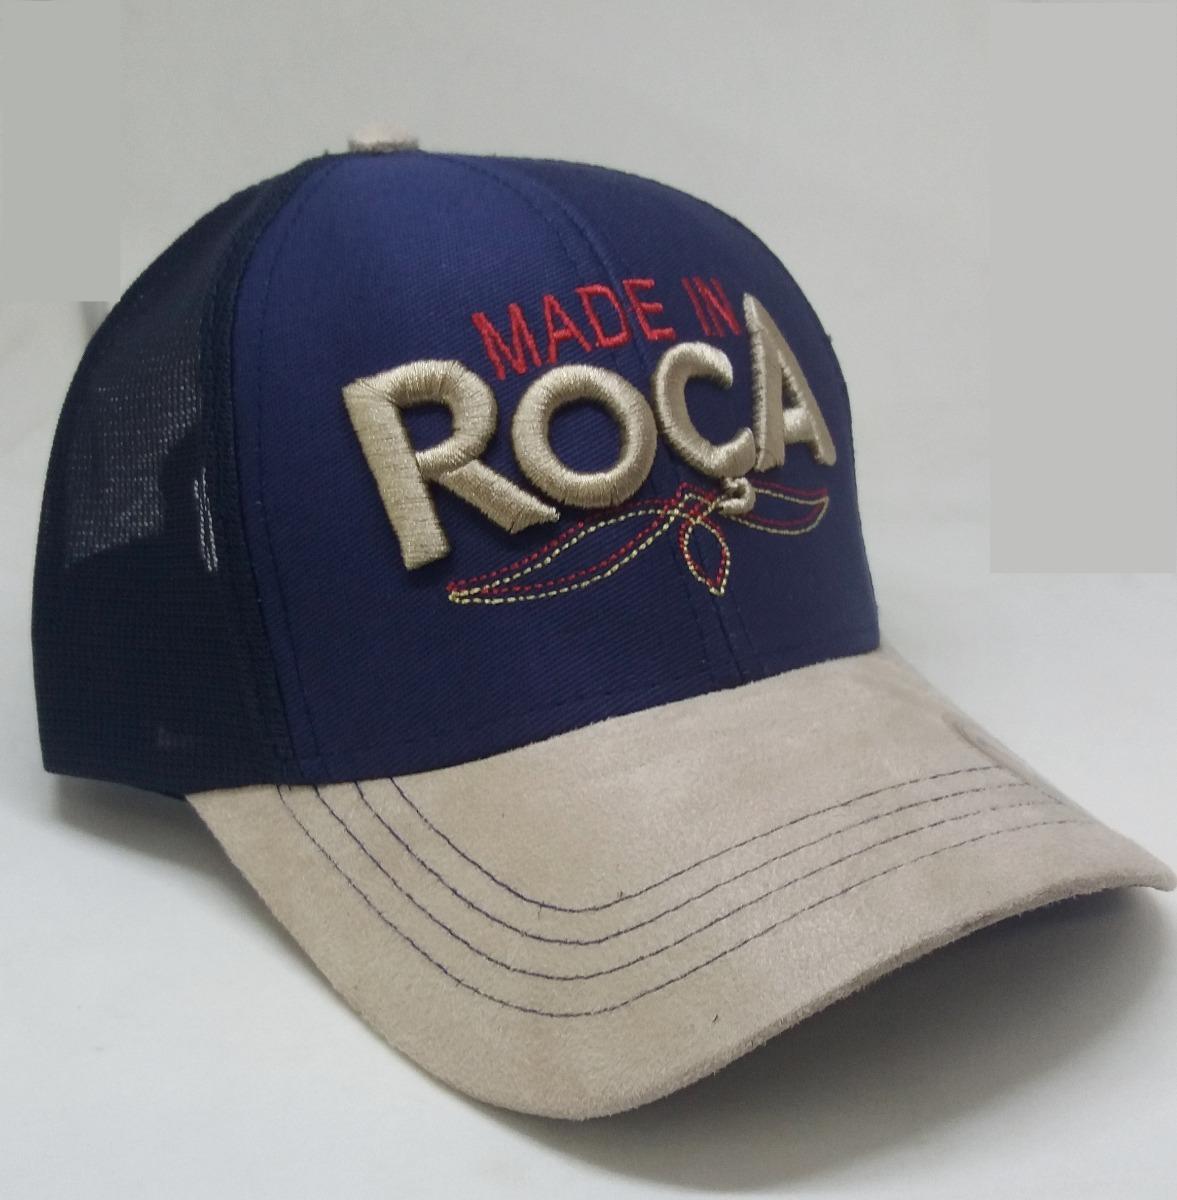 Bone Rodeio Azul Bordado Country Trucker Made In Roça - R  35 5eec8e17a00